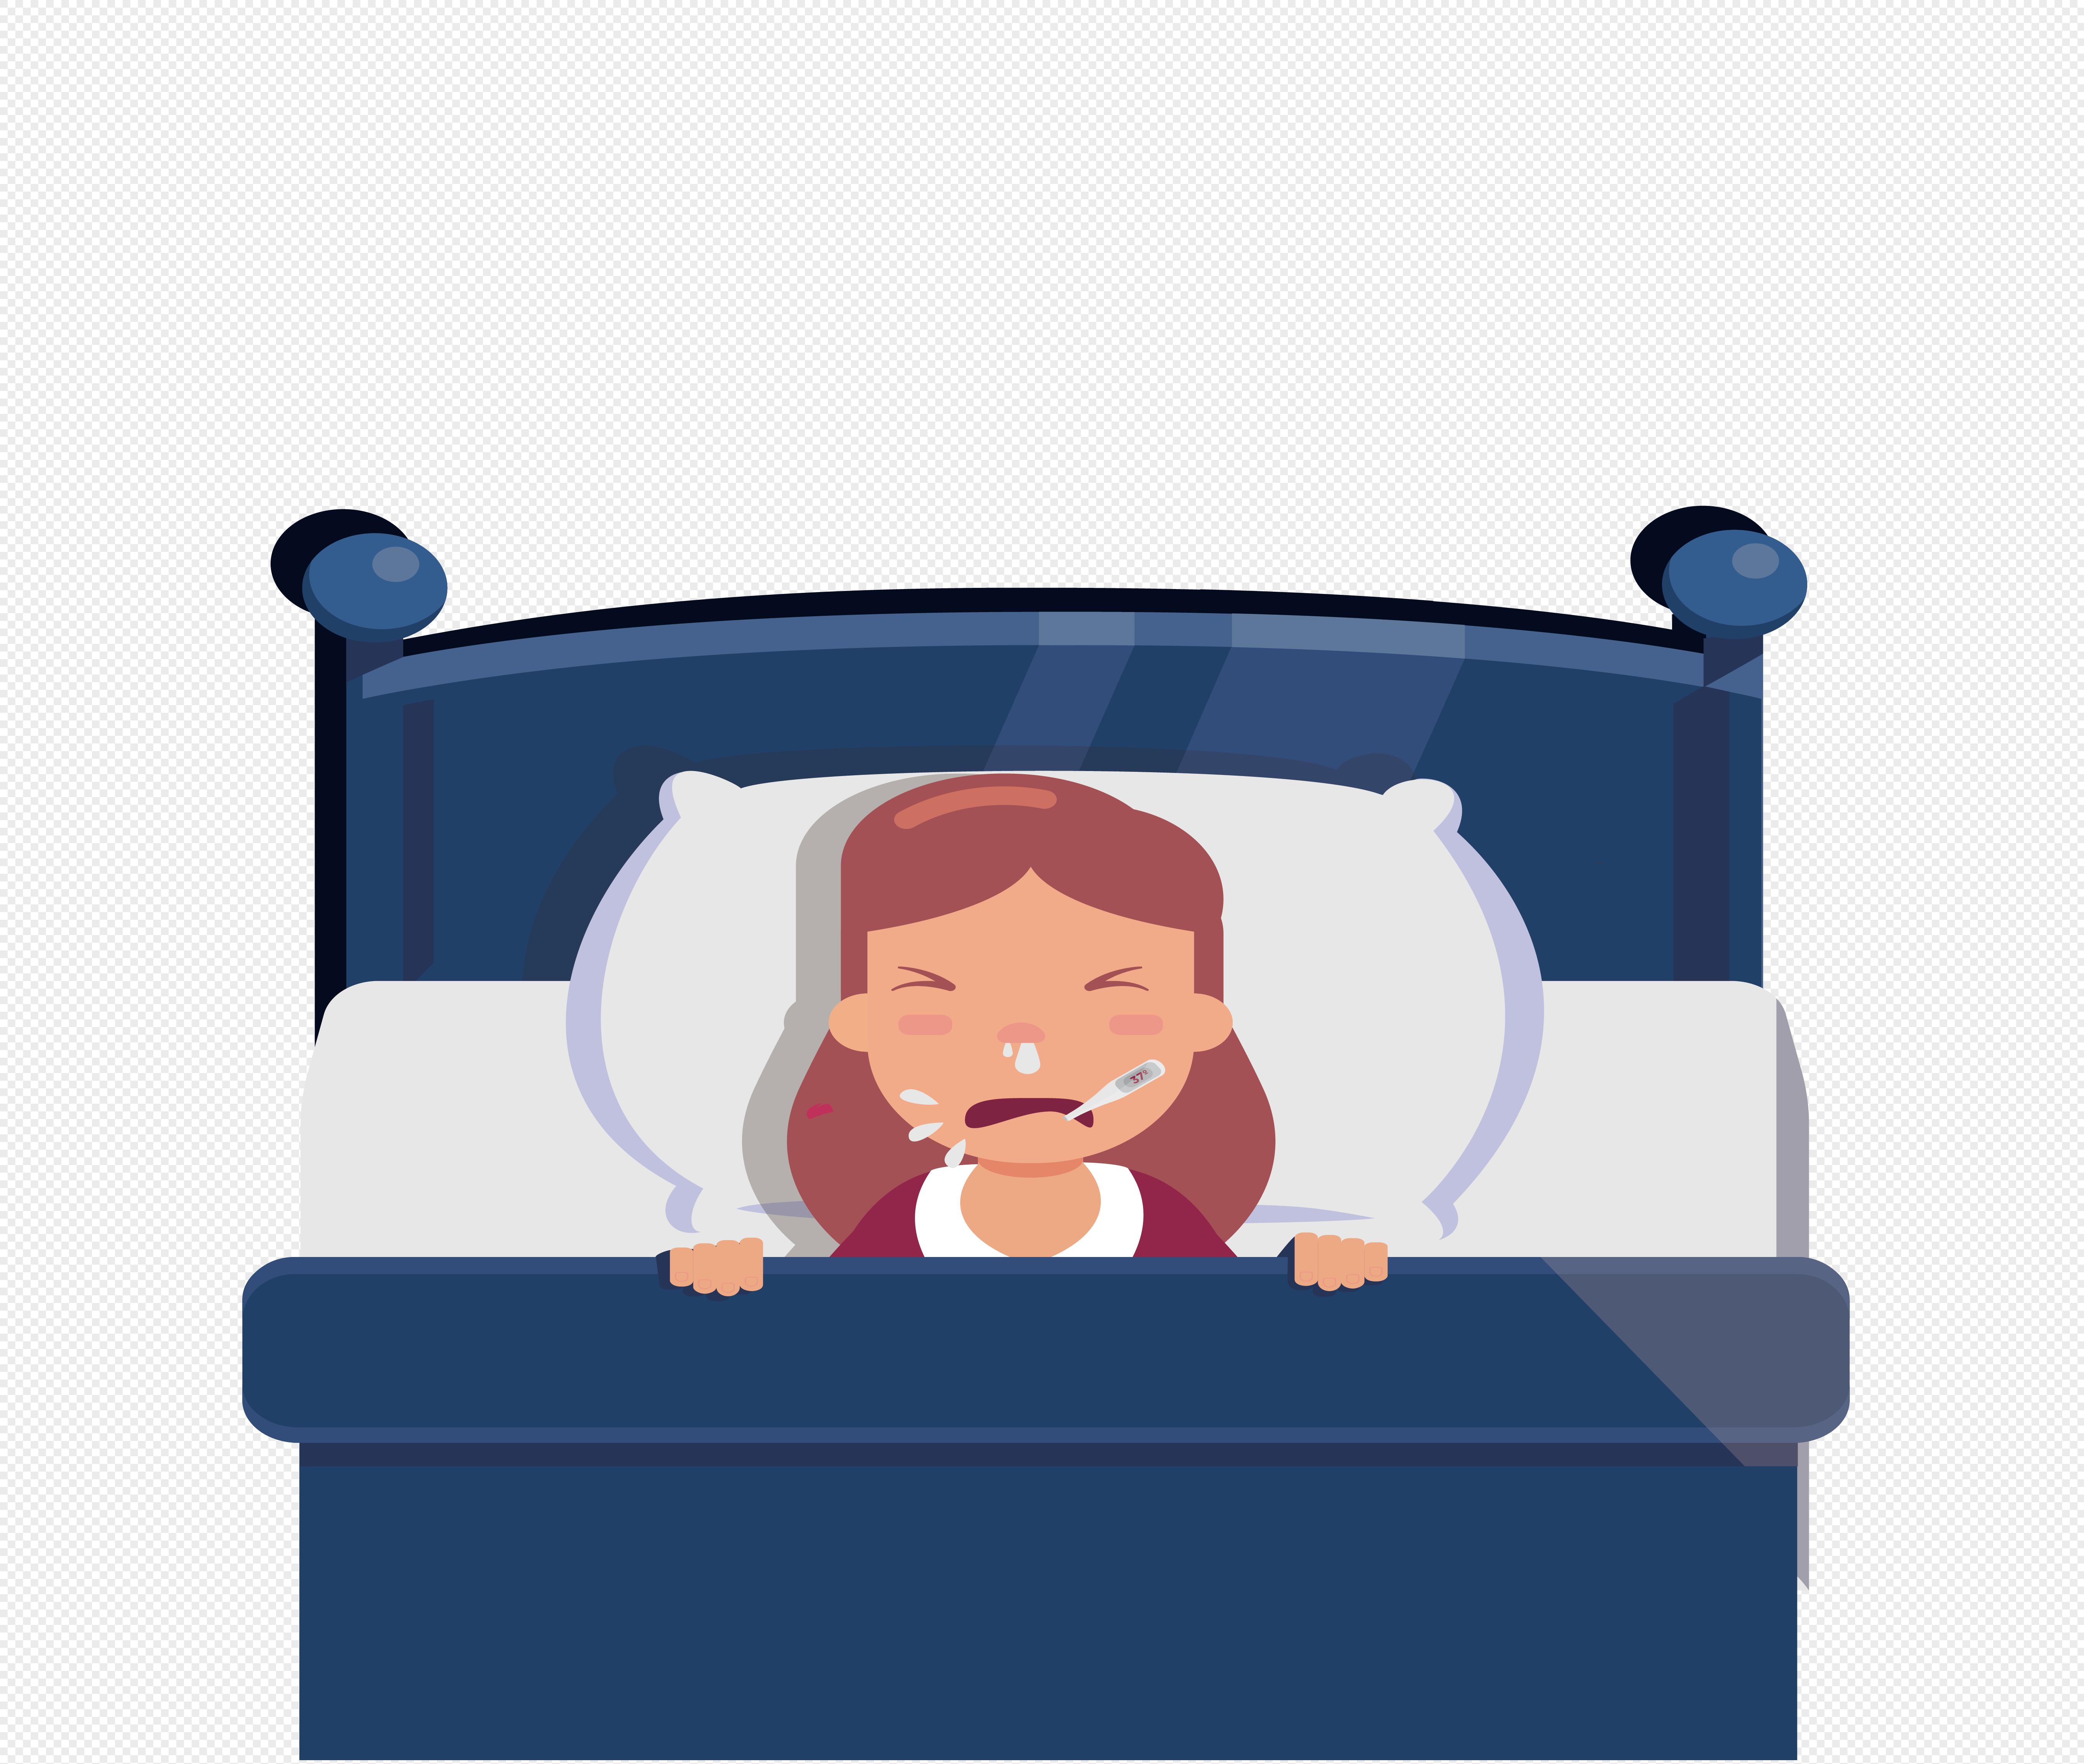 图片 素材 手绘/卡通元素 生病躺在床上的女孩.